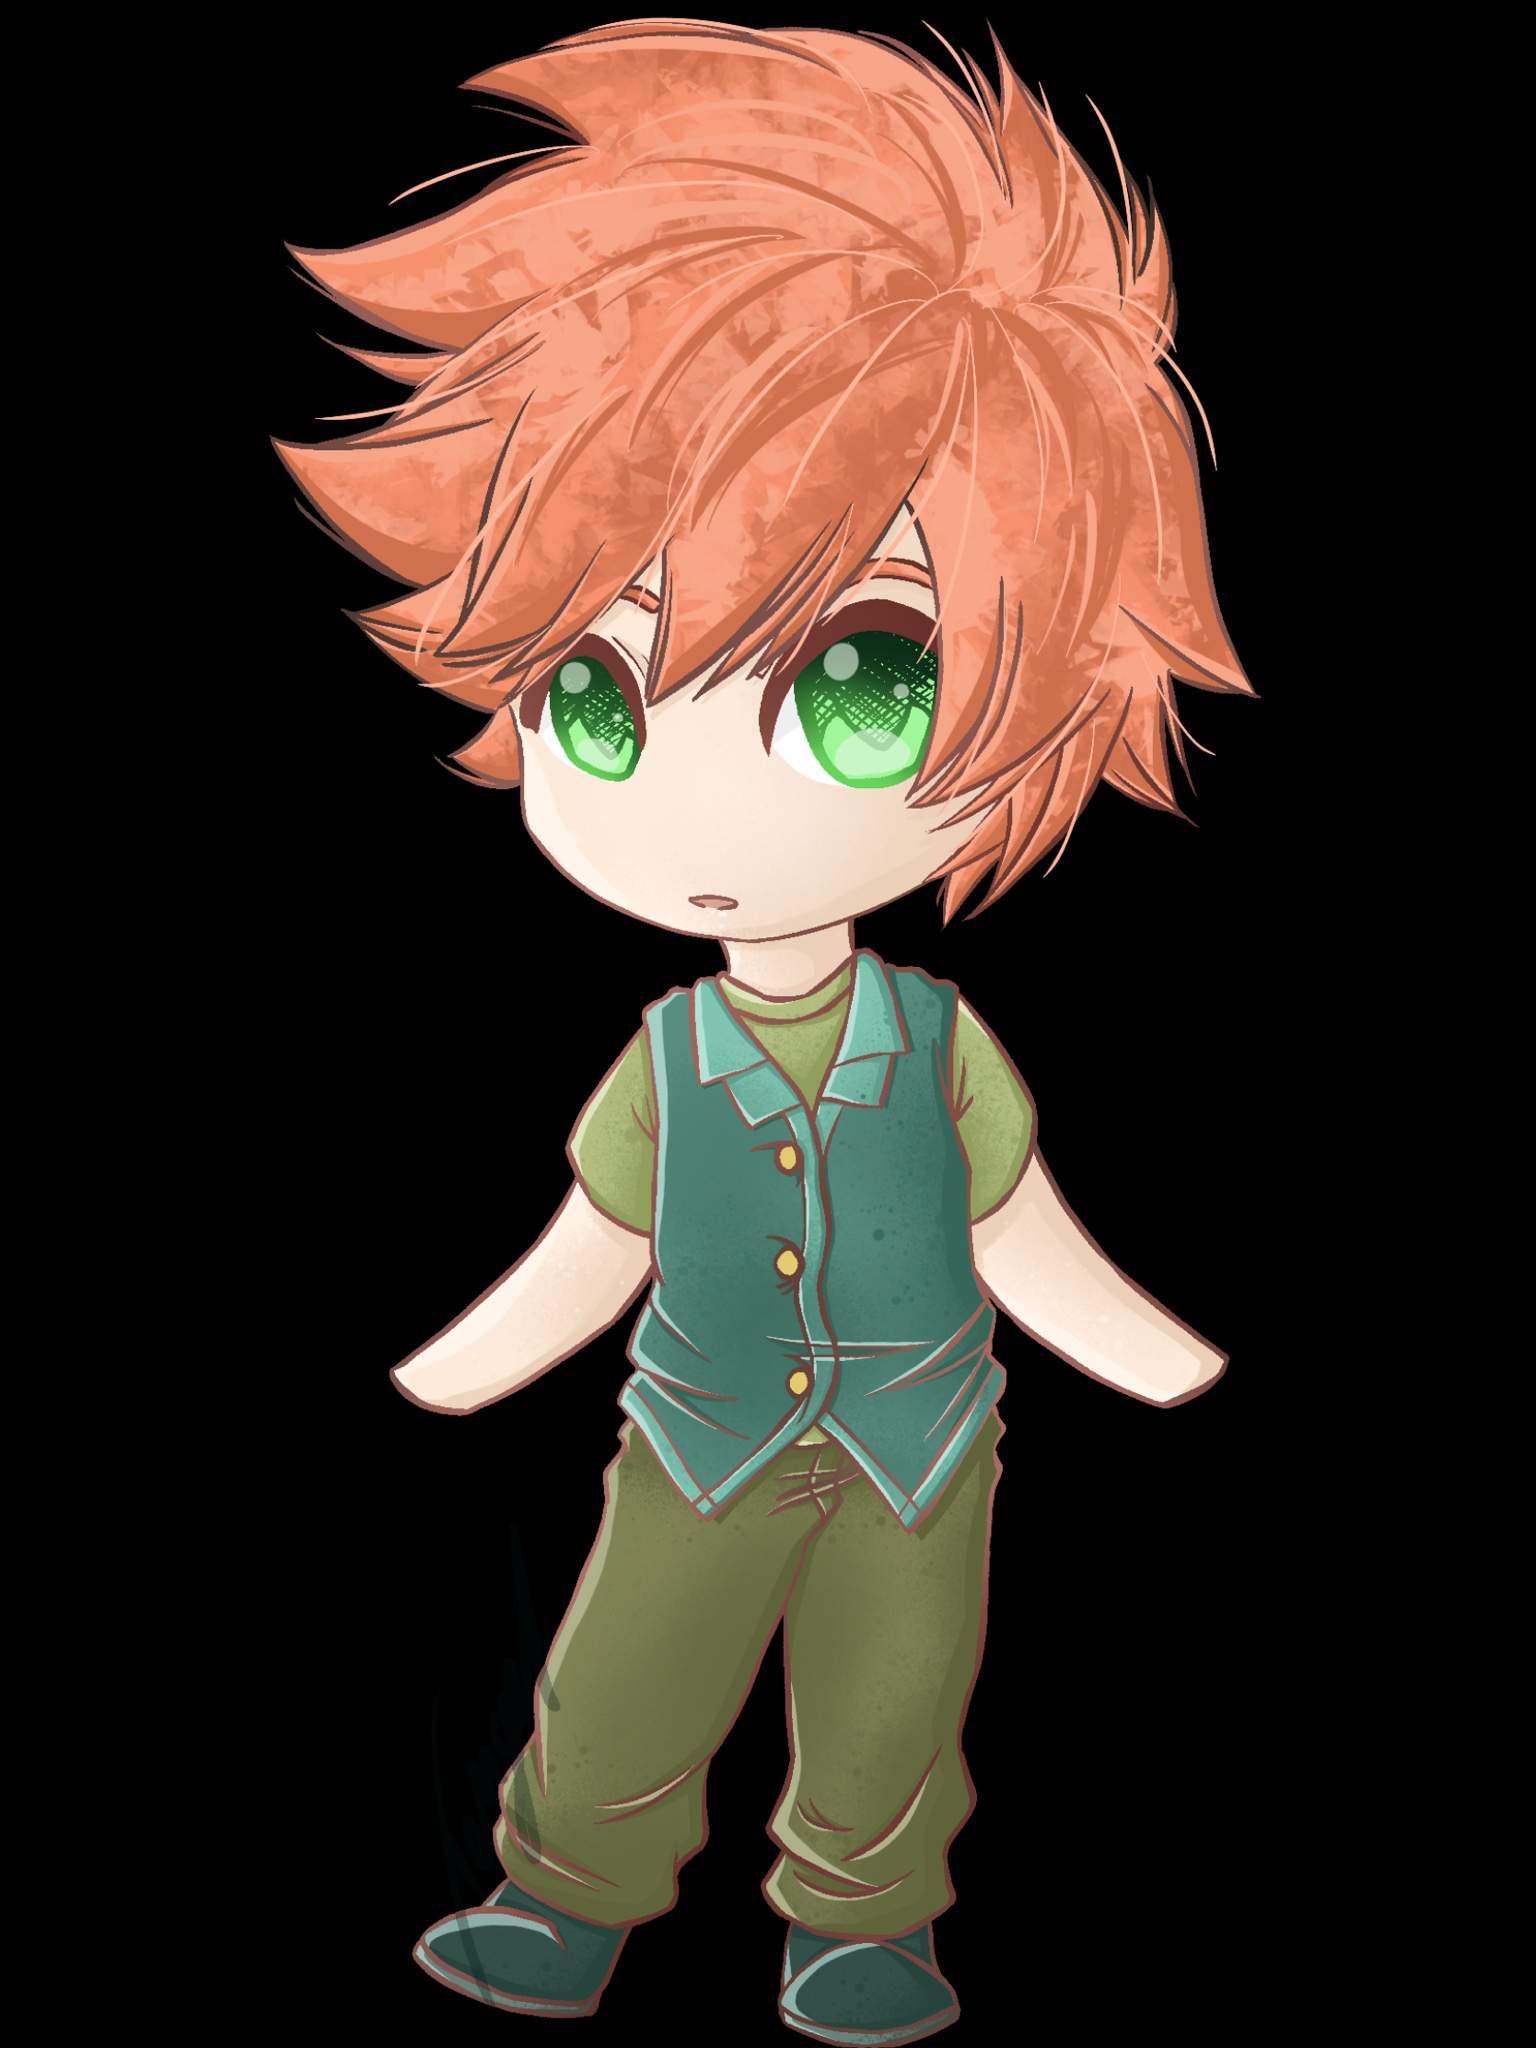 Hình ảnh đẹp về anime chibi boy